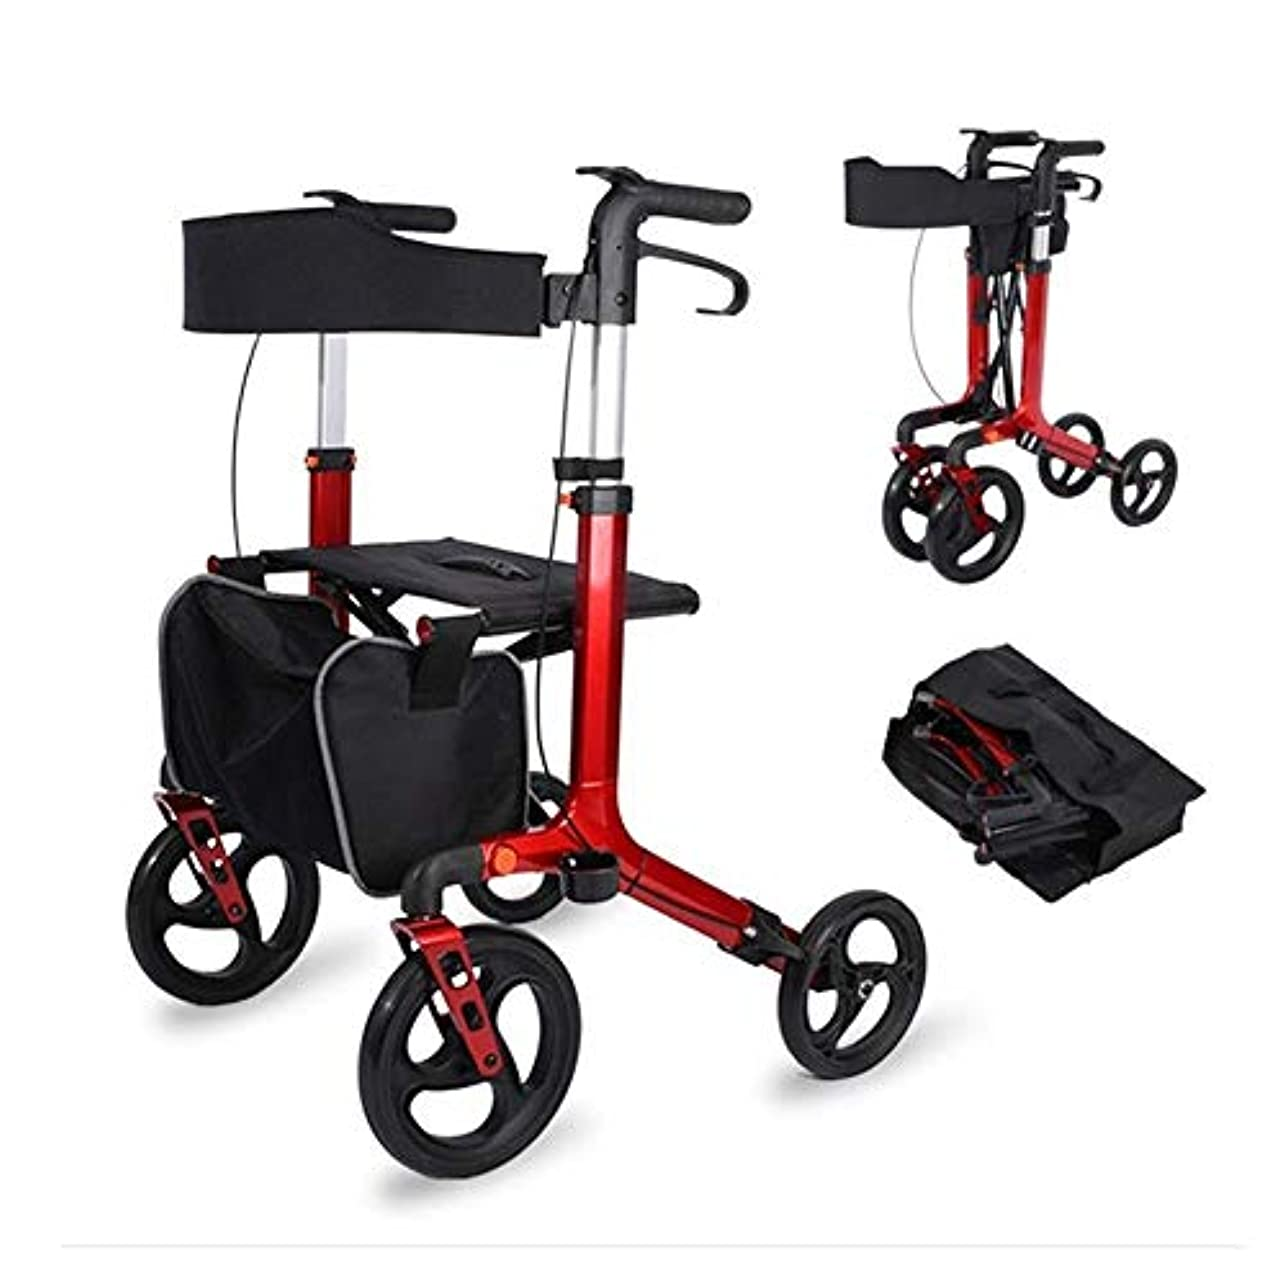 フットボール受粉者幅折りたたみ式歩行器、調節可能な高さ4ホイールショッピングトロリーレストシートと収納袋デュアルブレーキウォーキングフレーム